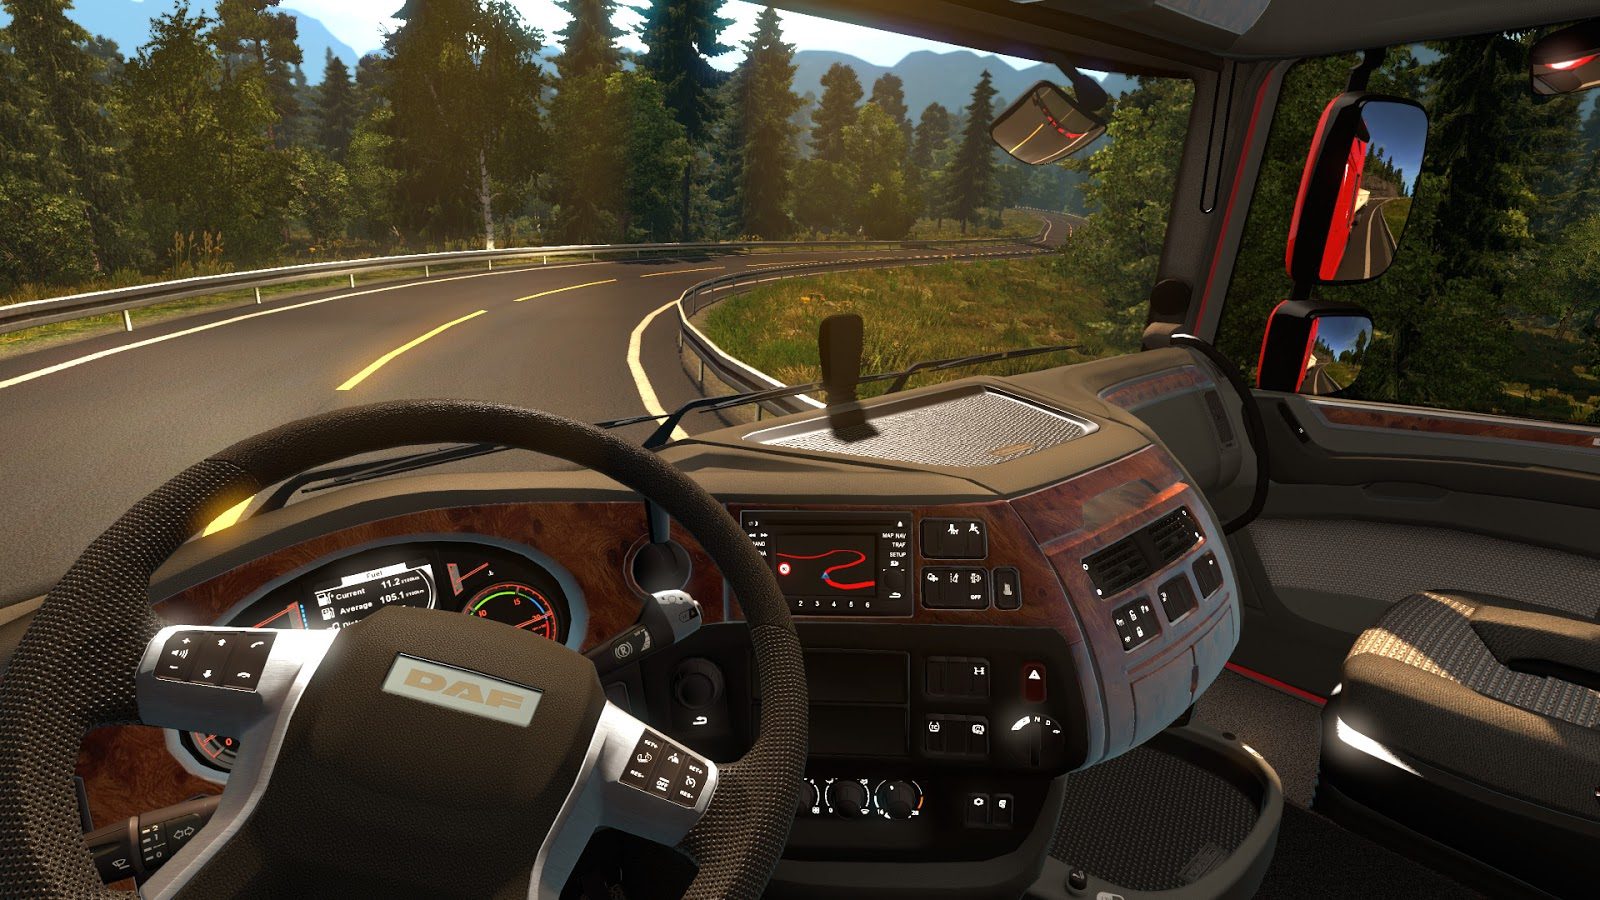 télécharger euro truck simulator gratuit (windows)